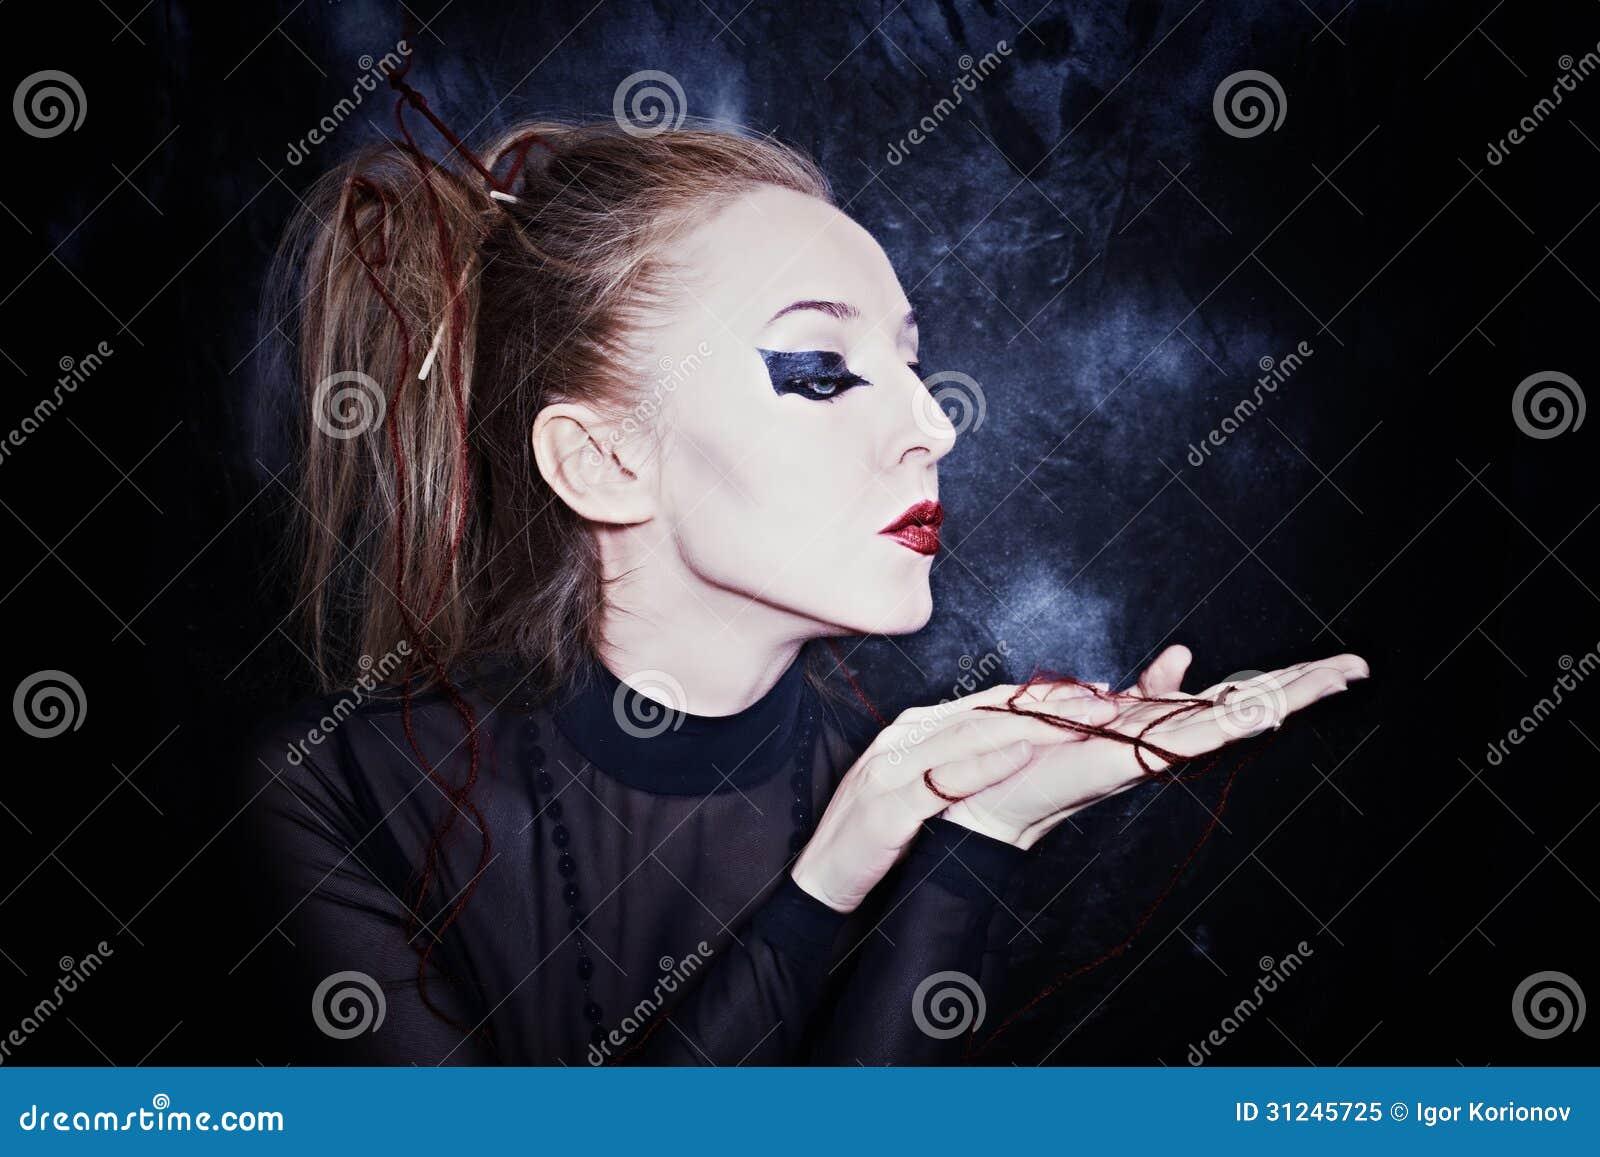 femme avec le maquillage gothique de style image stock image du charme bizarre 31245725. Black Bedroom Furniture Sets. Home Design Ideas